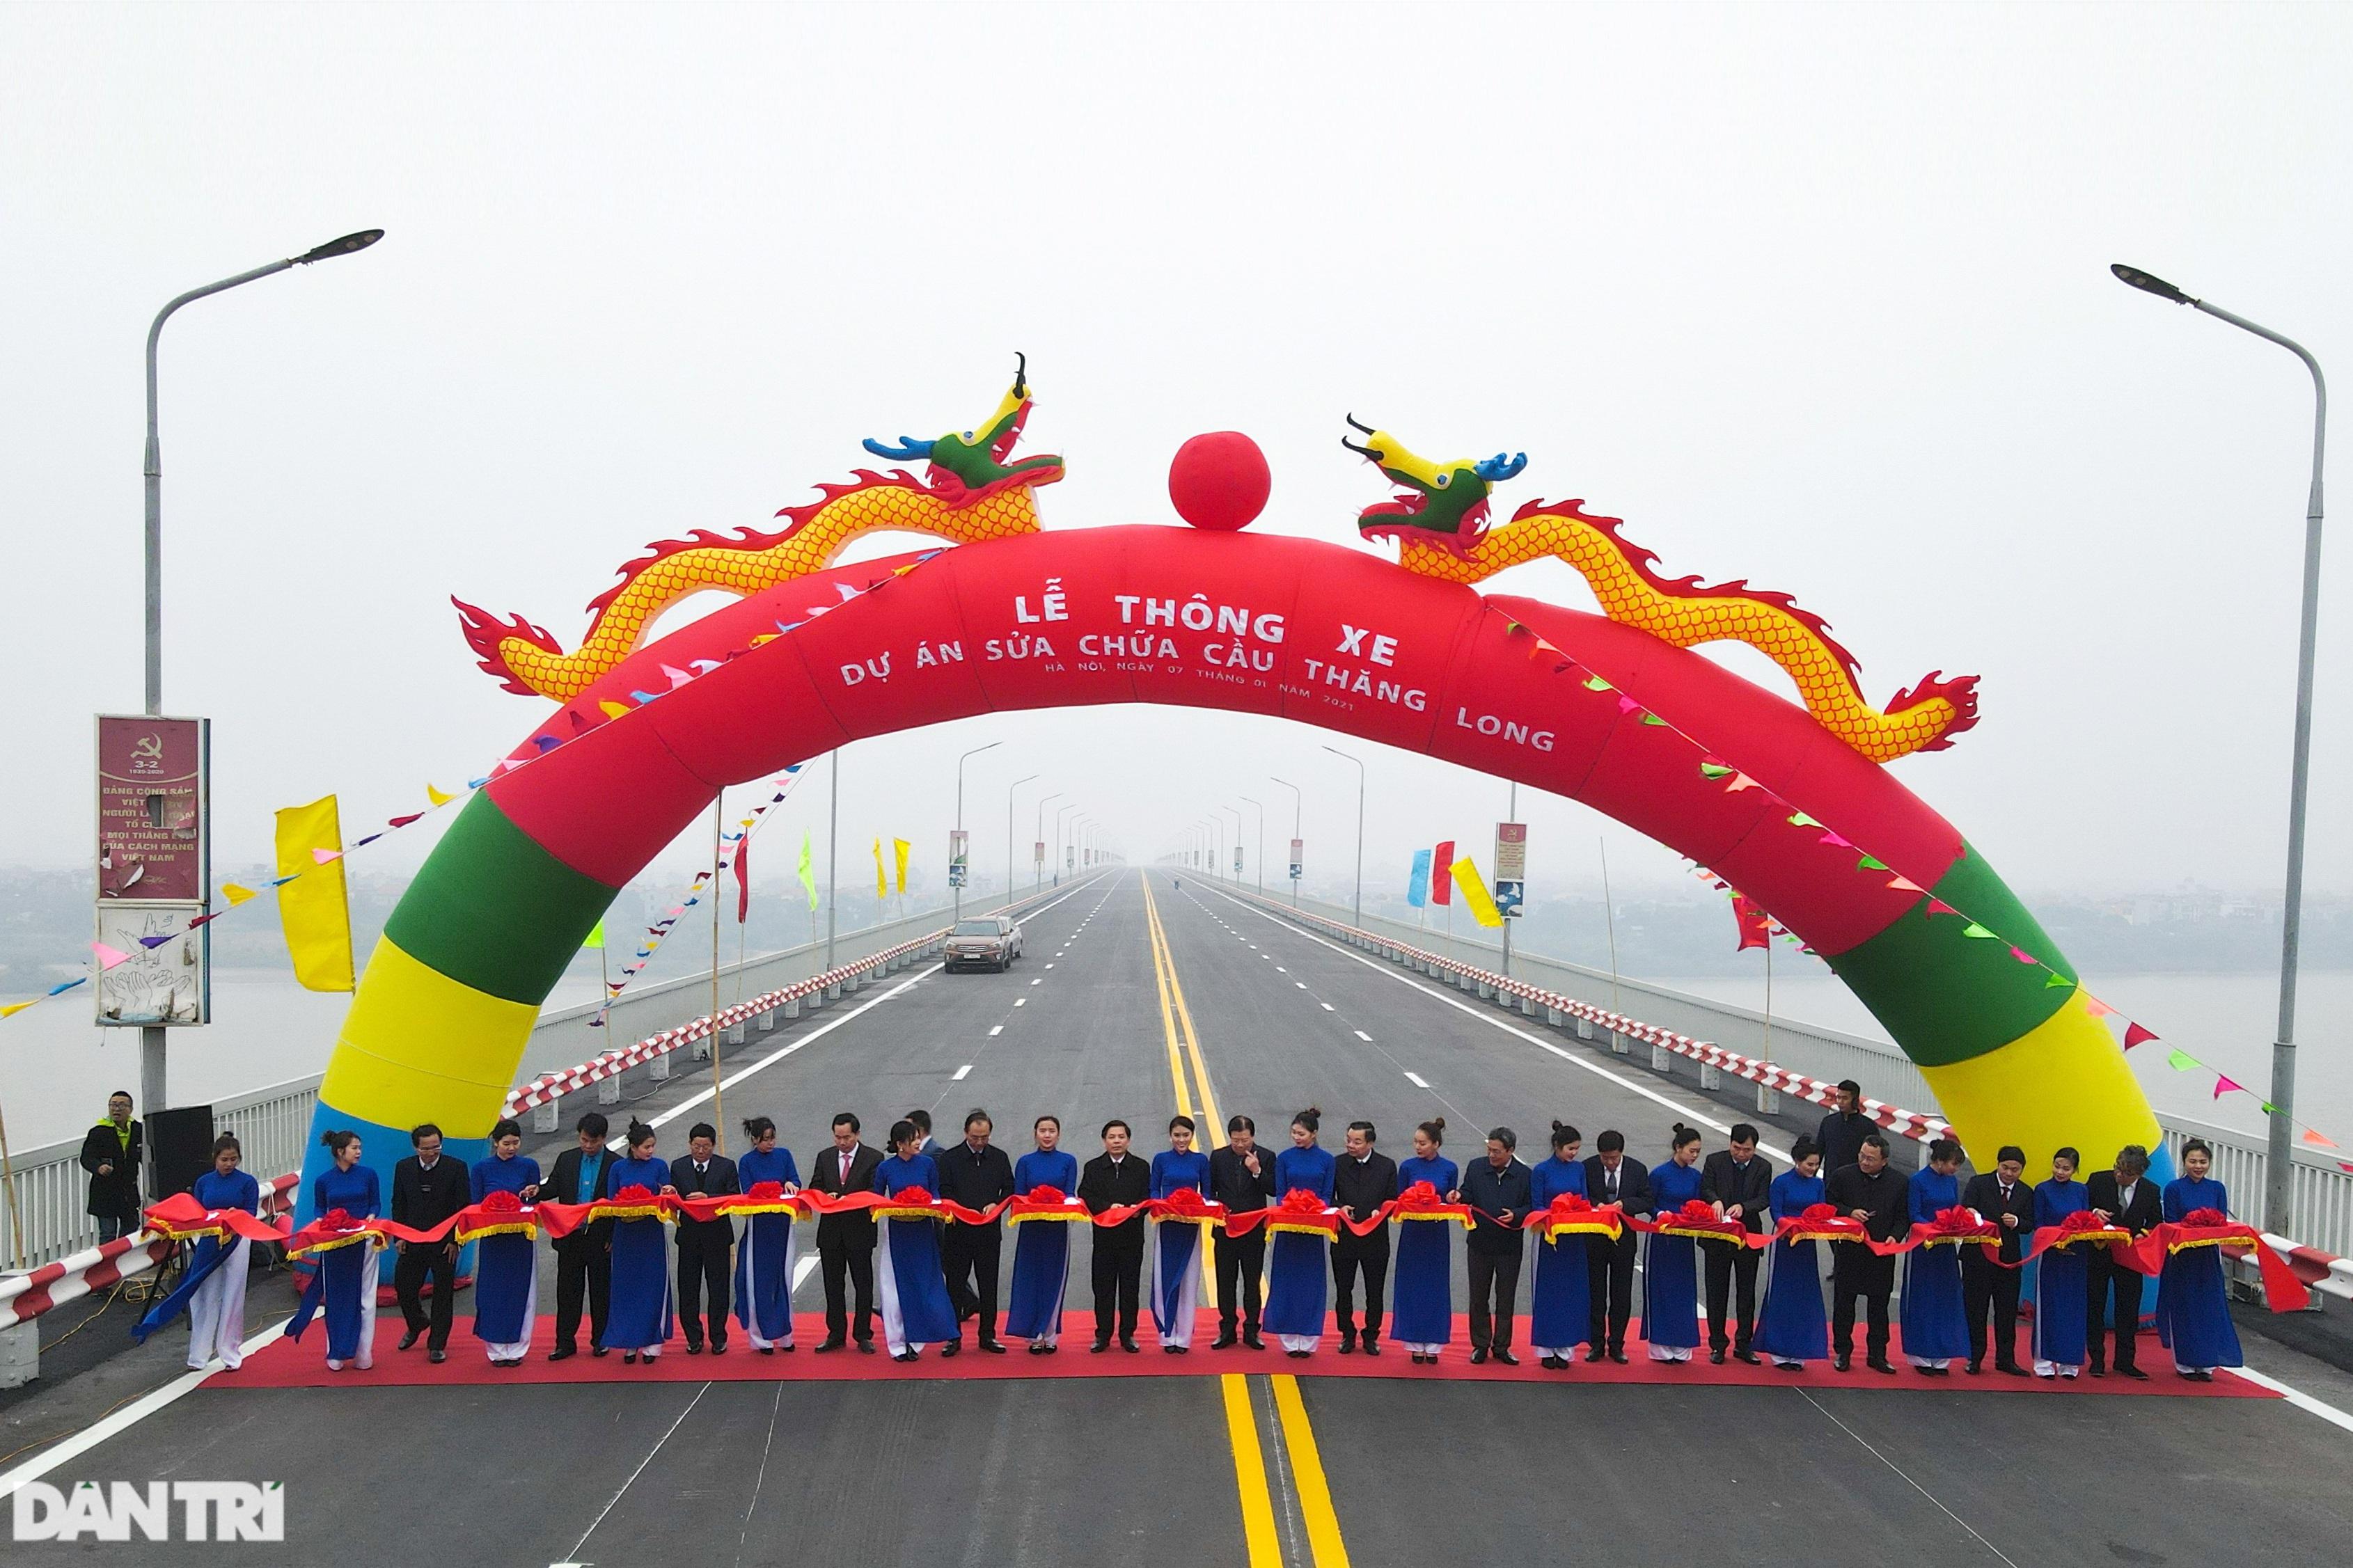 Thông xe cầu Thăng Long, kết nối xuyên suốt đường trên cao đẹp nhất Hà Nội